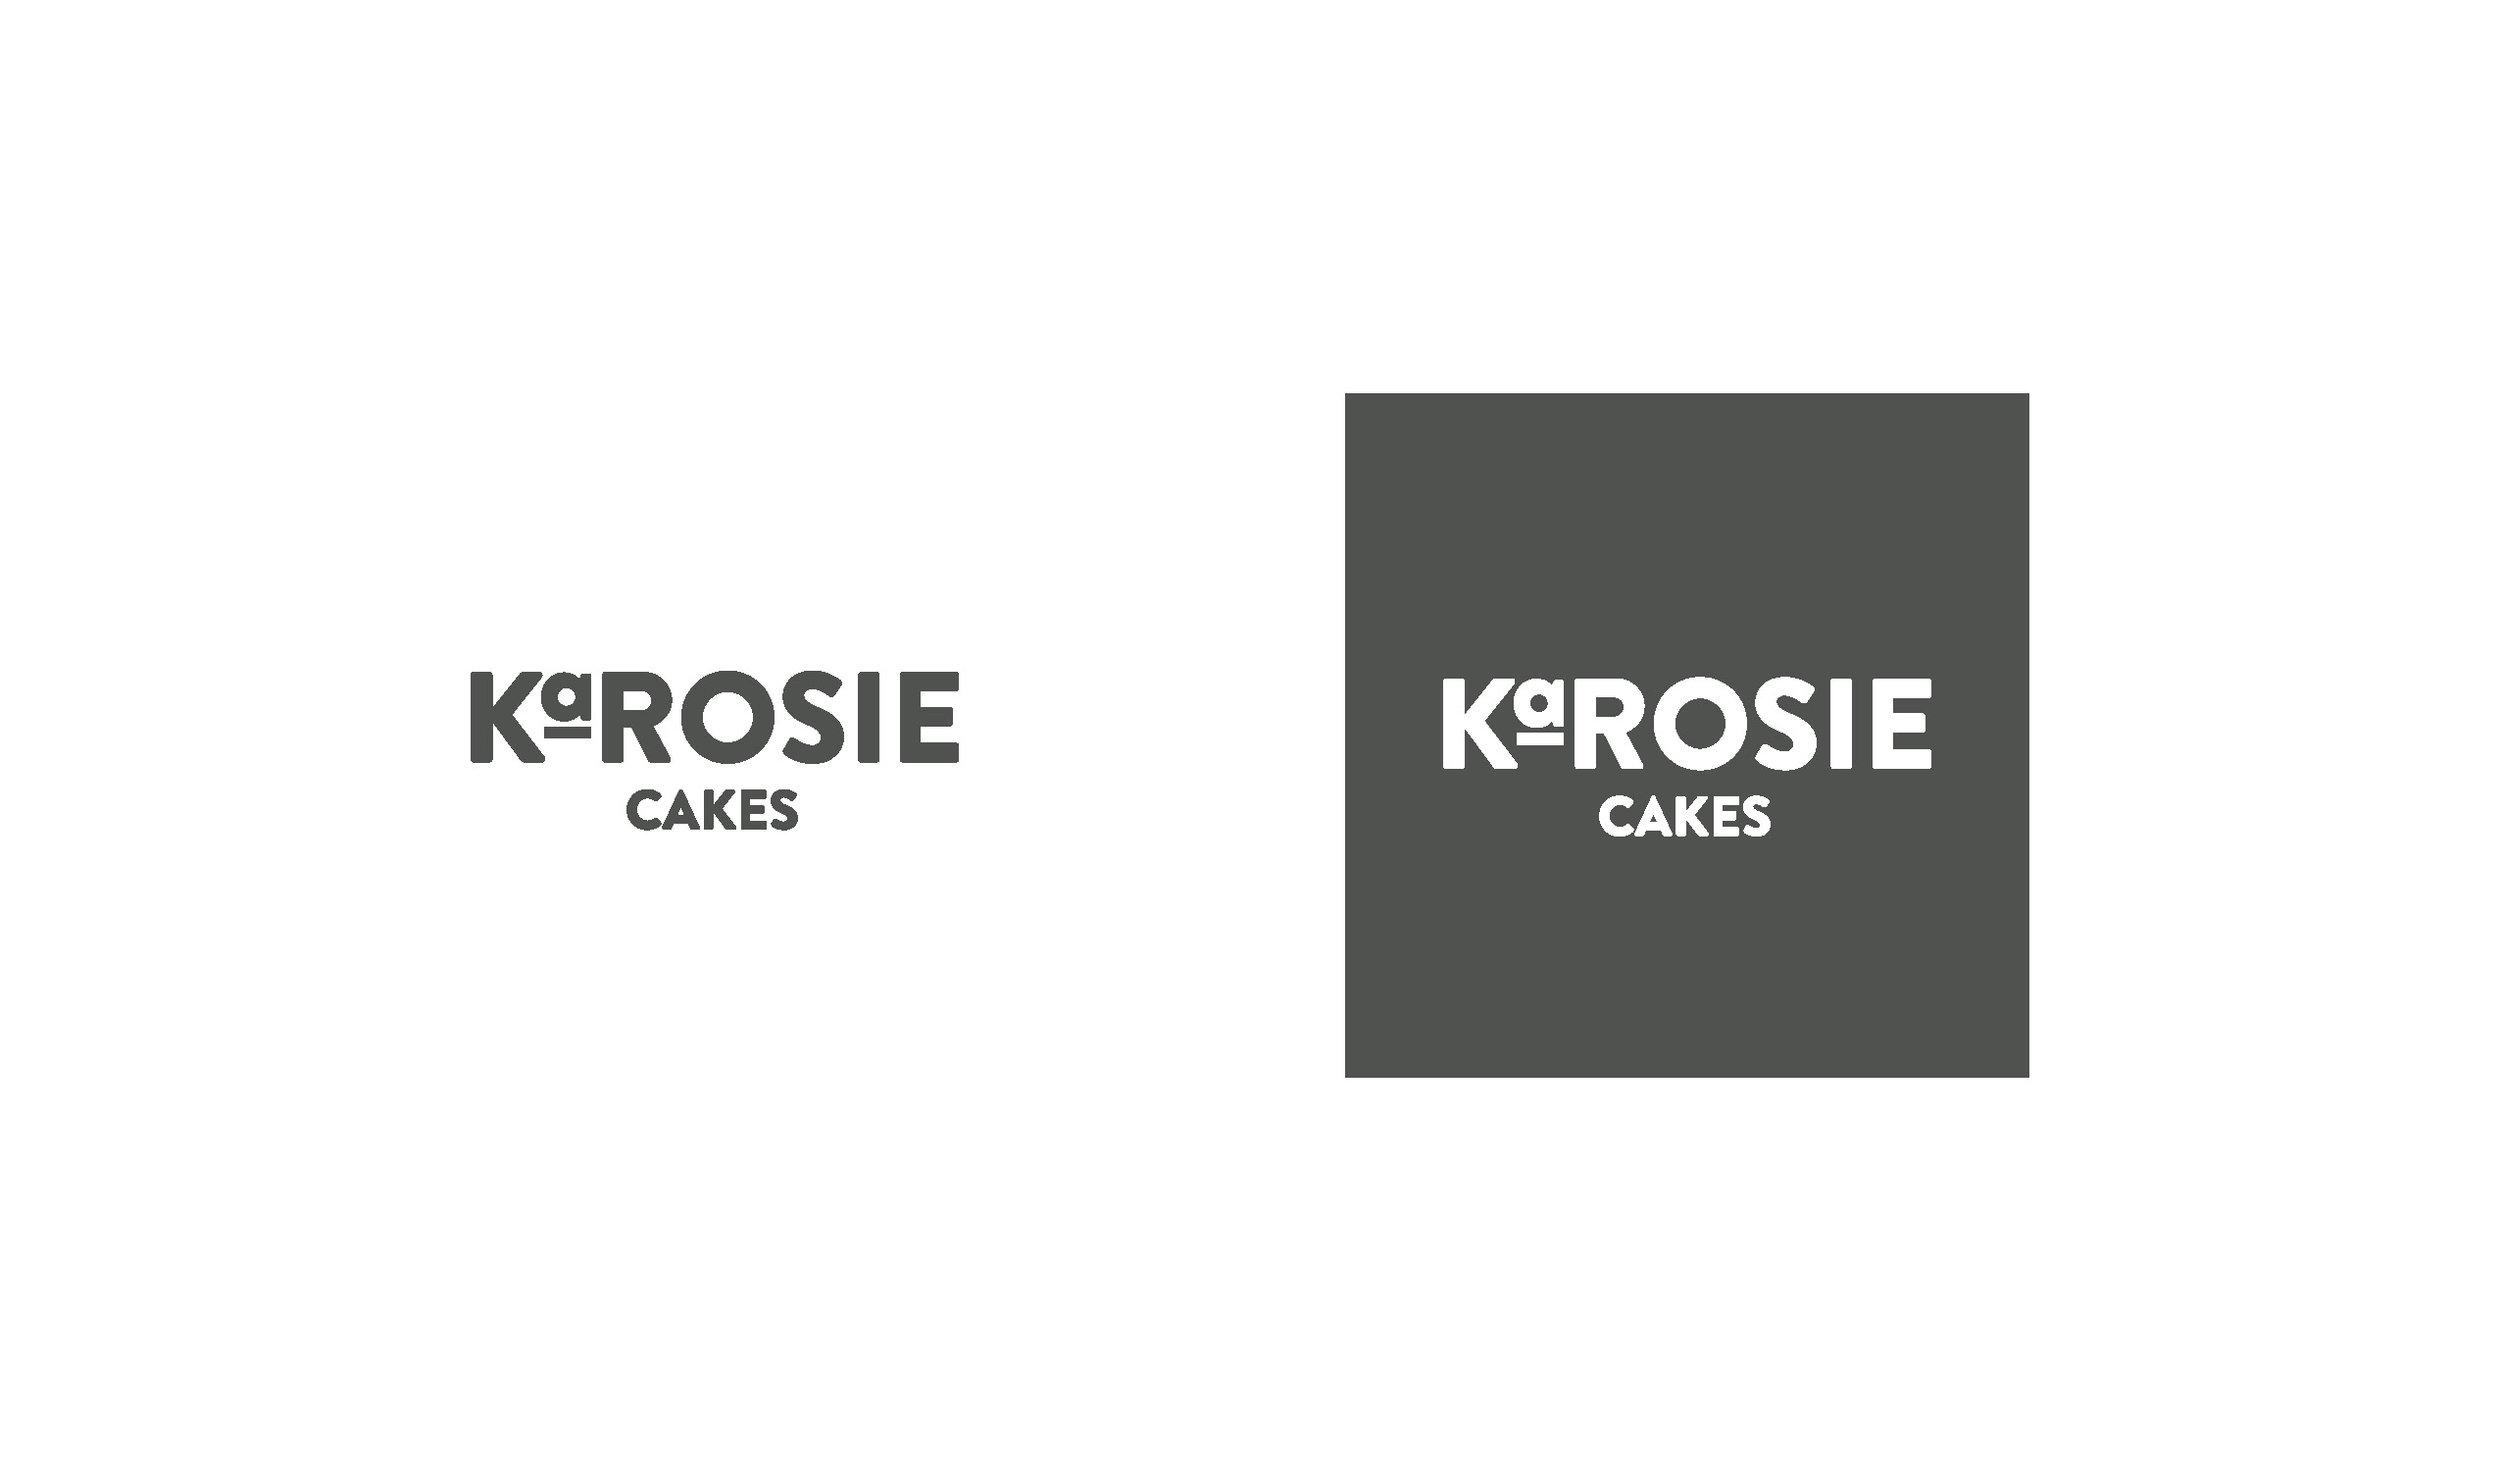 KaRosie_Page_02.jpg